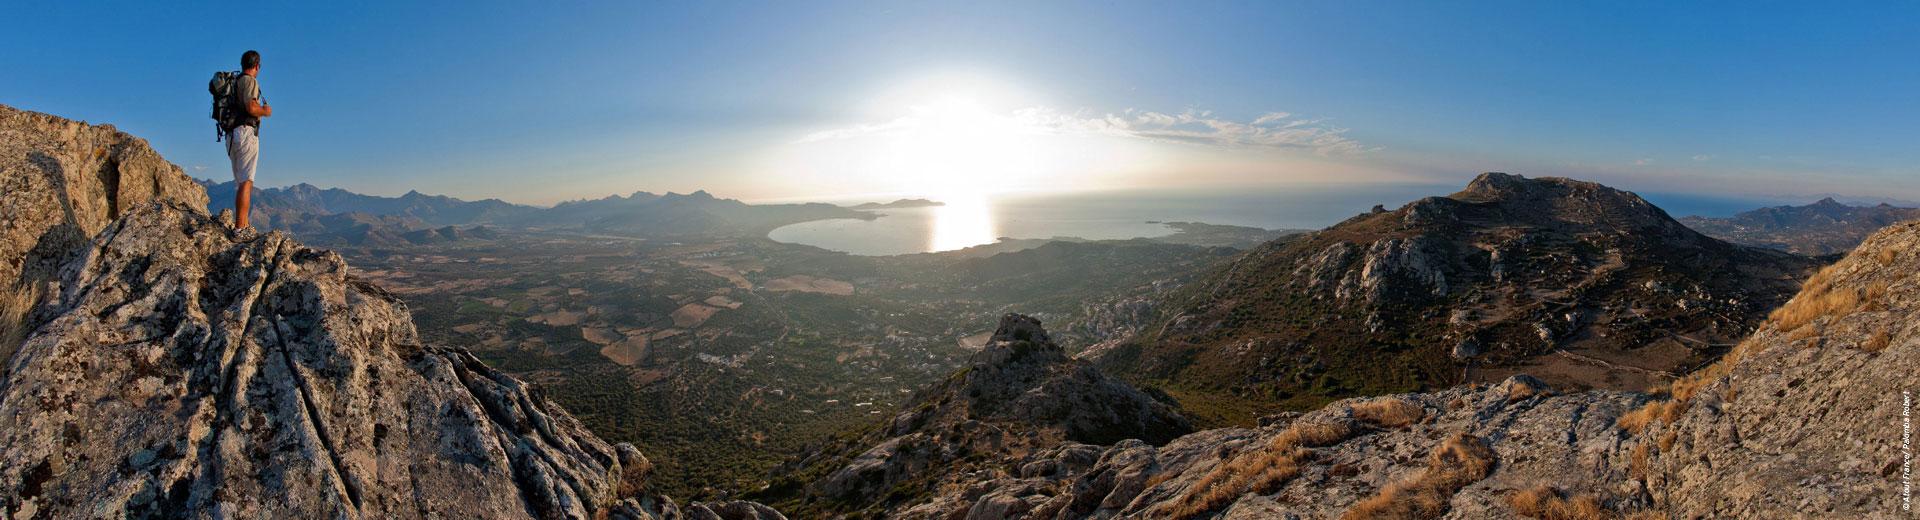 Randonnée en Corse - Mer et montagne